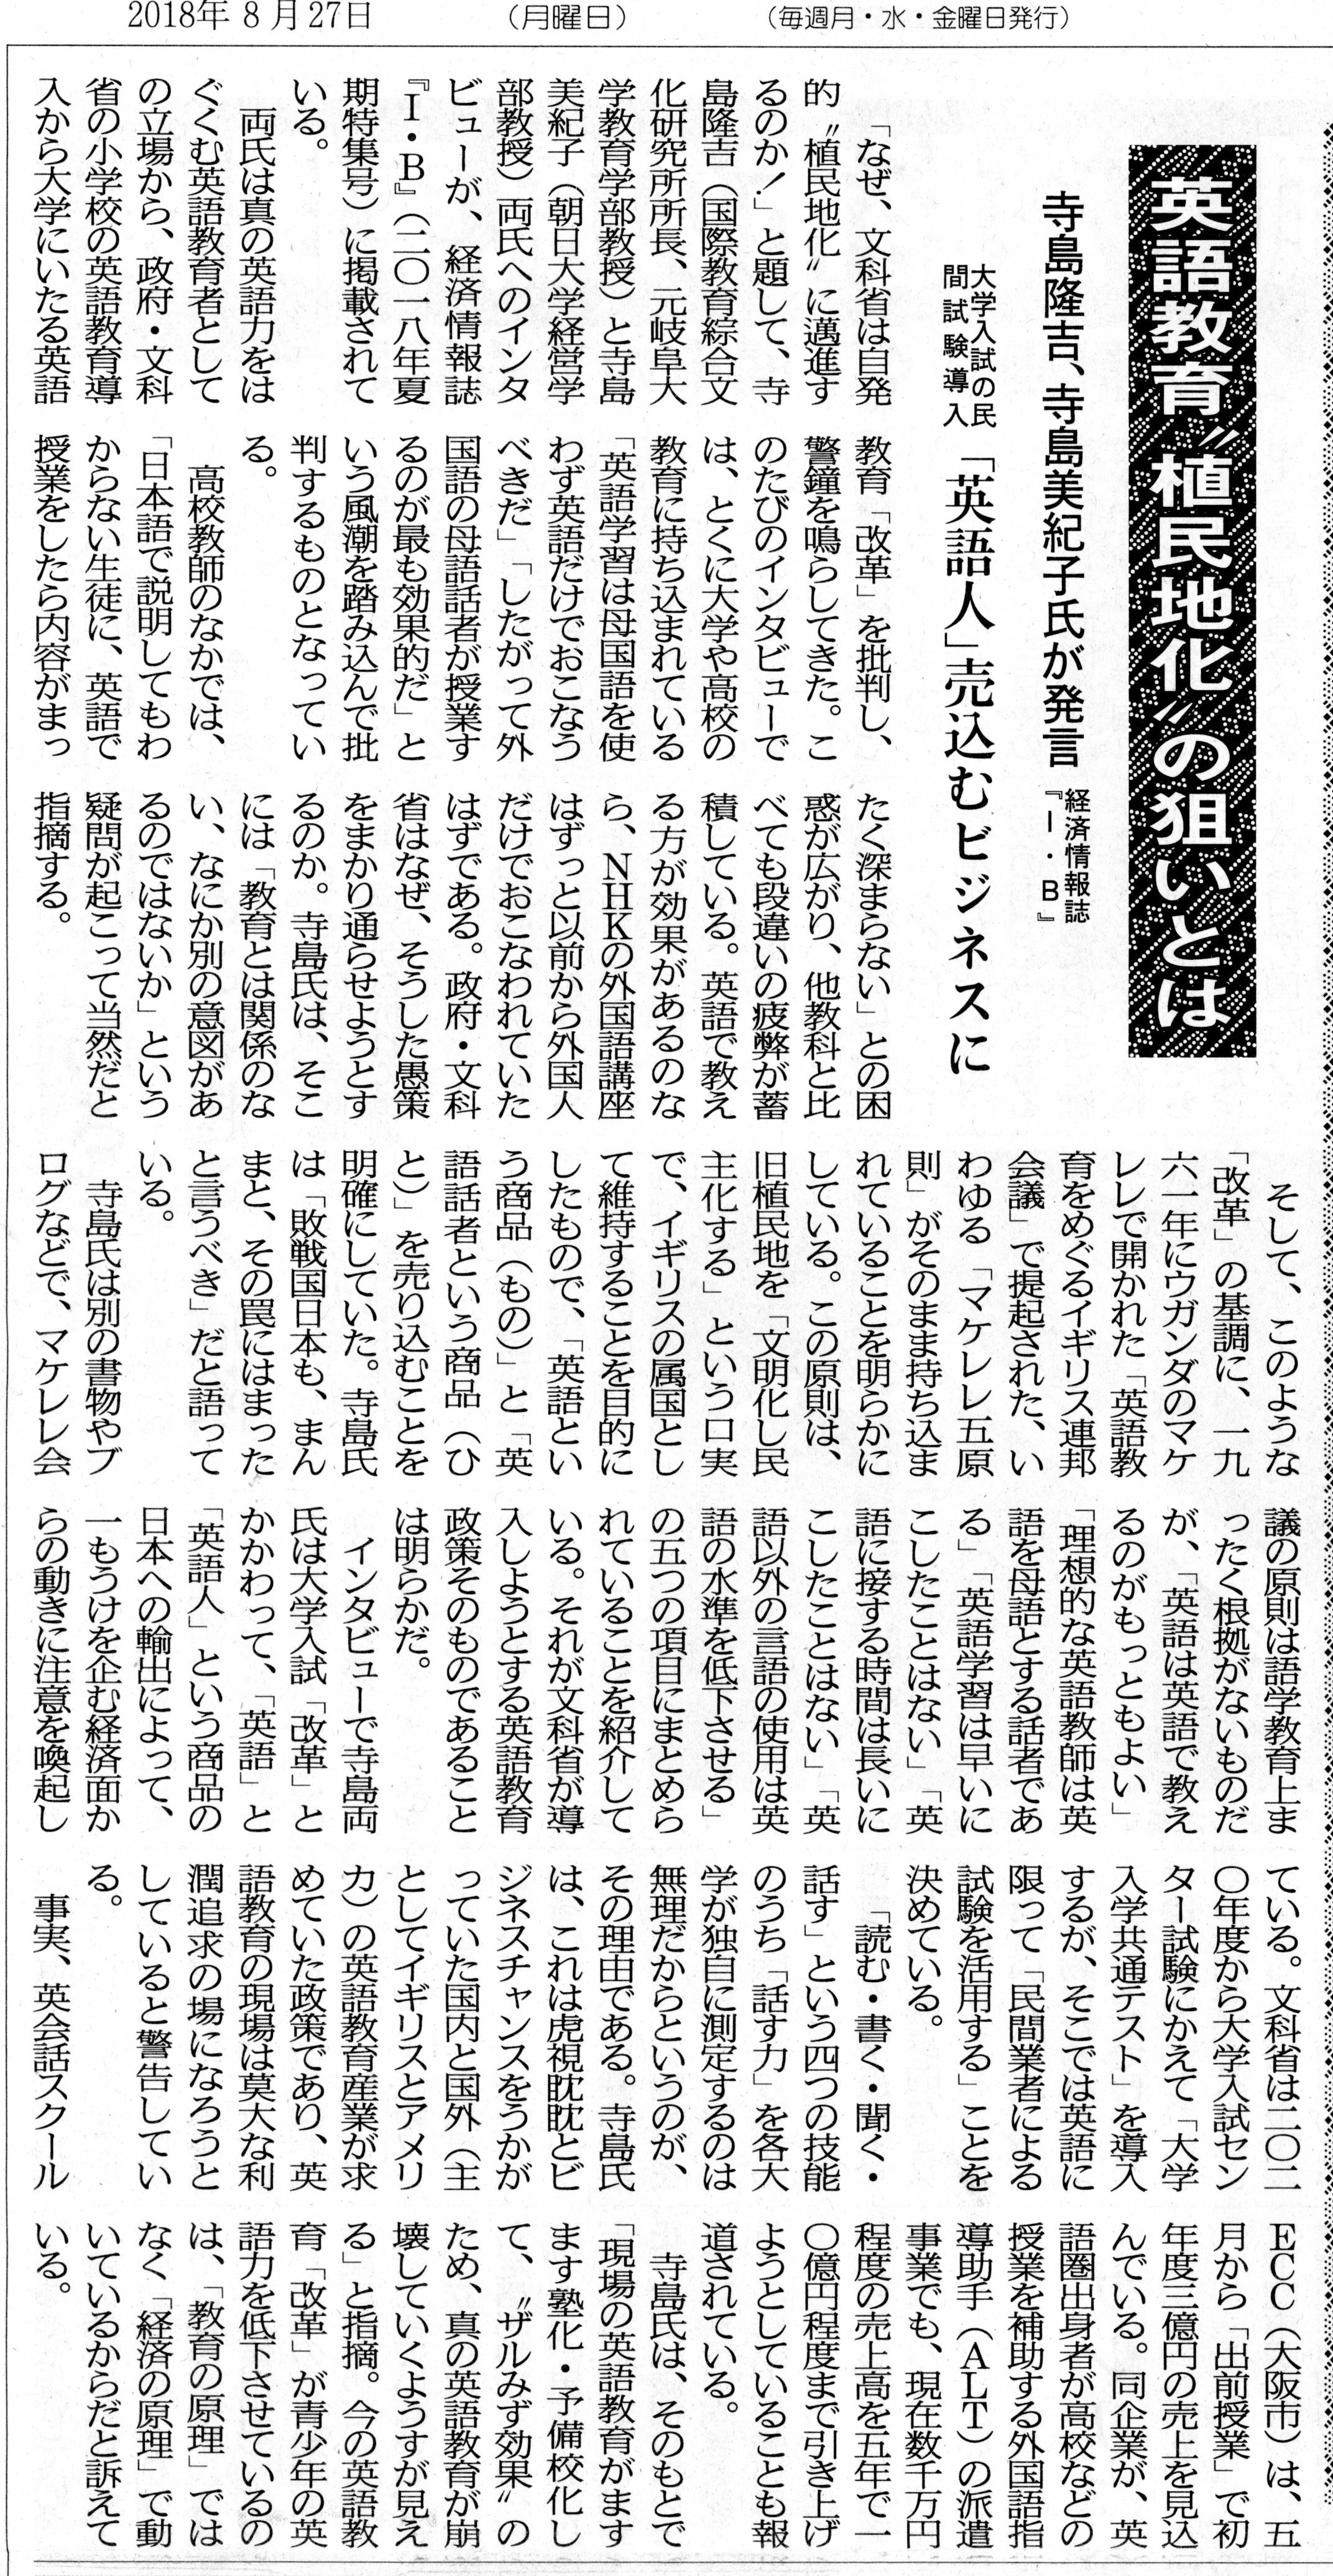 長周新聞20180827 季刊誌IB2018夏季特集号インタビュー